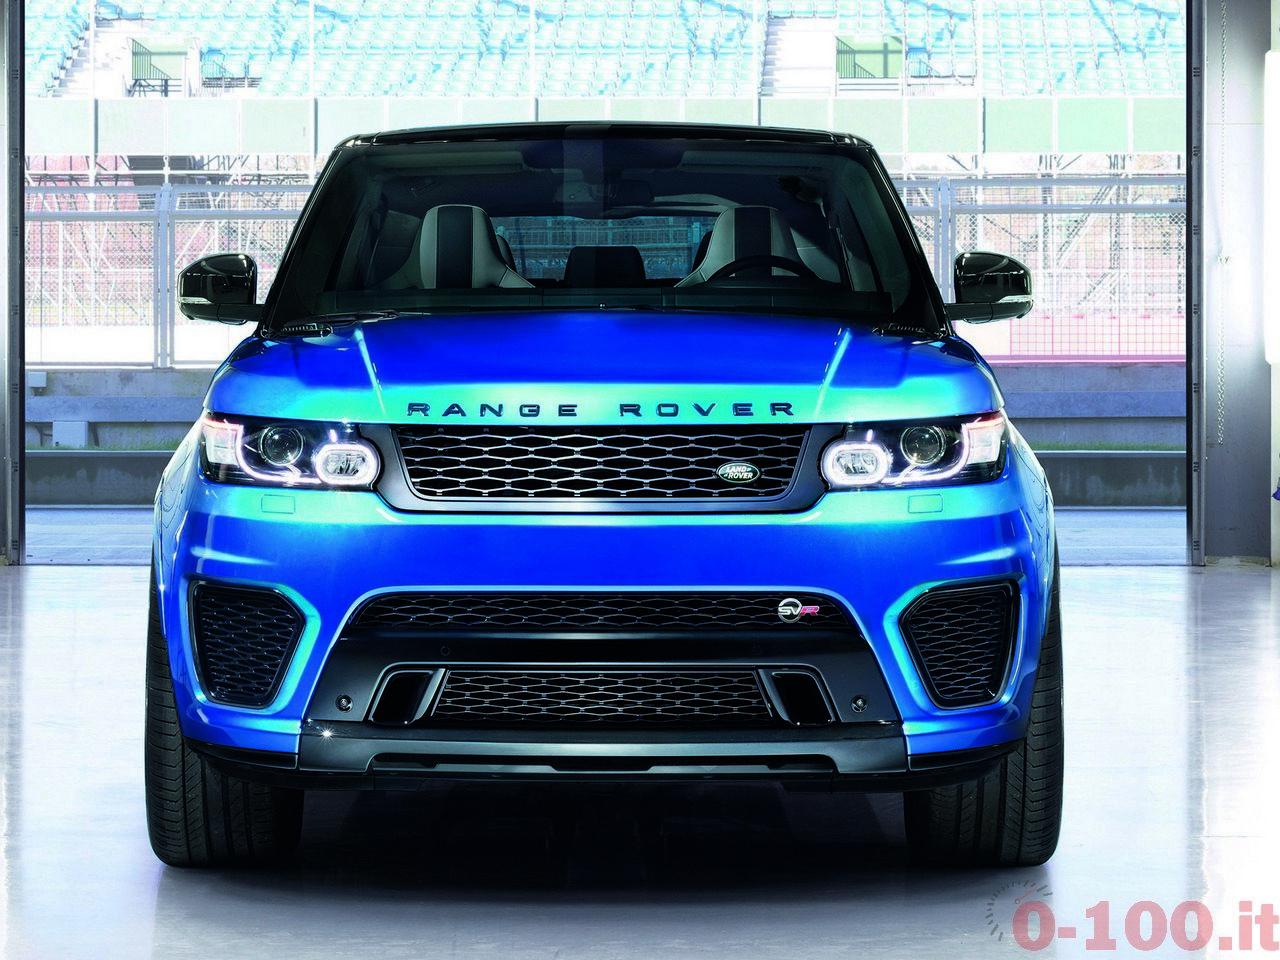 land-rover-range-rover-sport-svr-0-100-price-prezzo_23